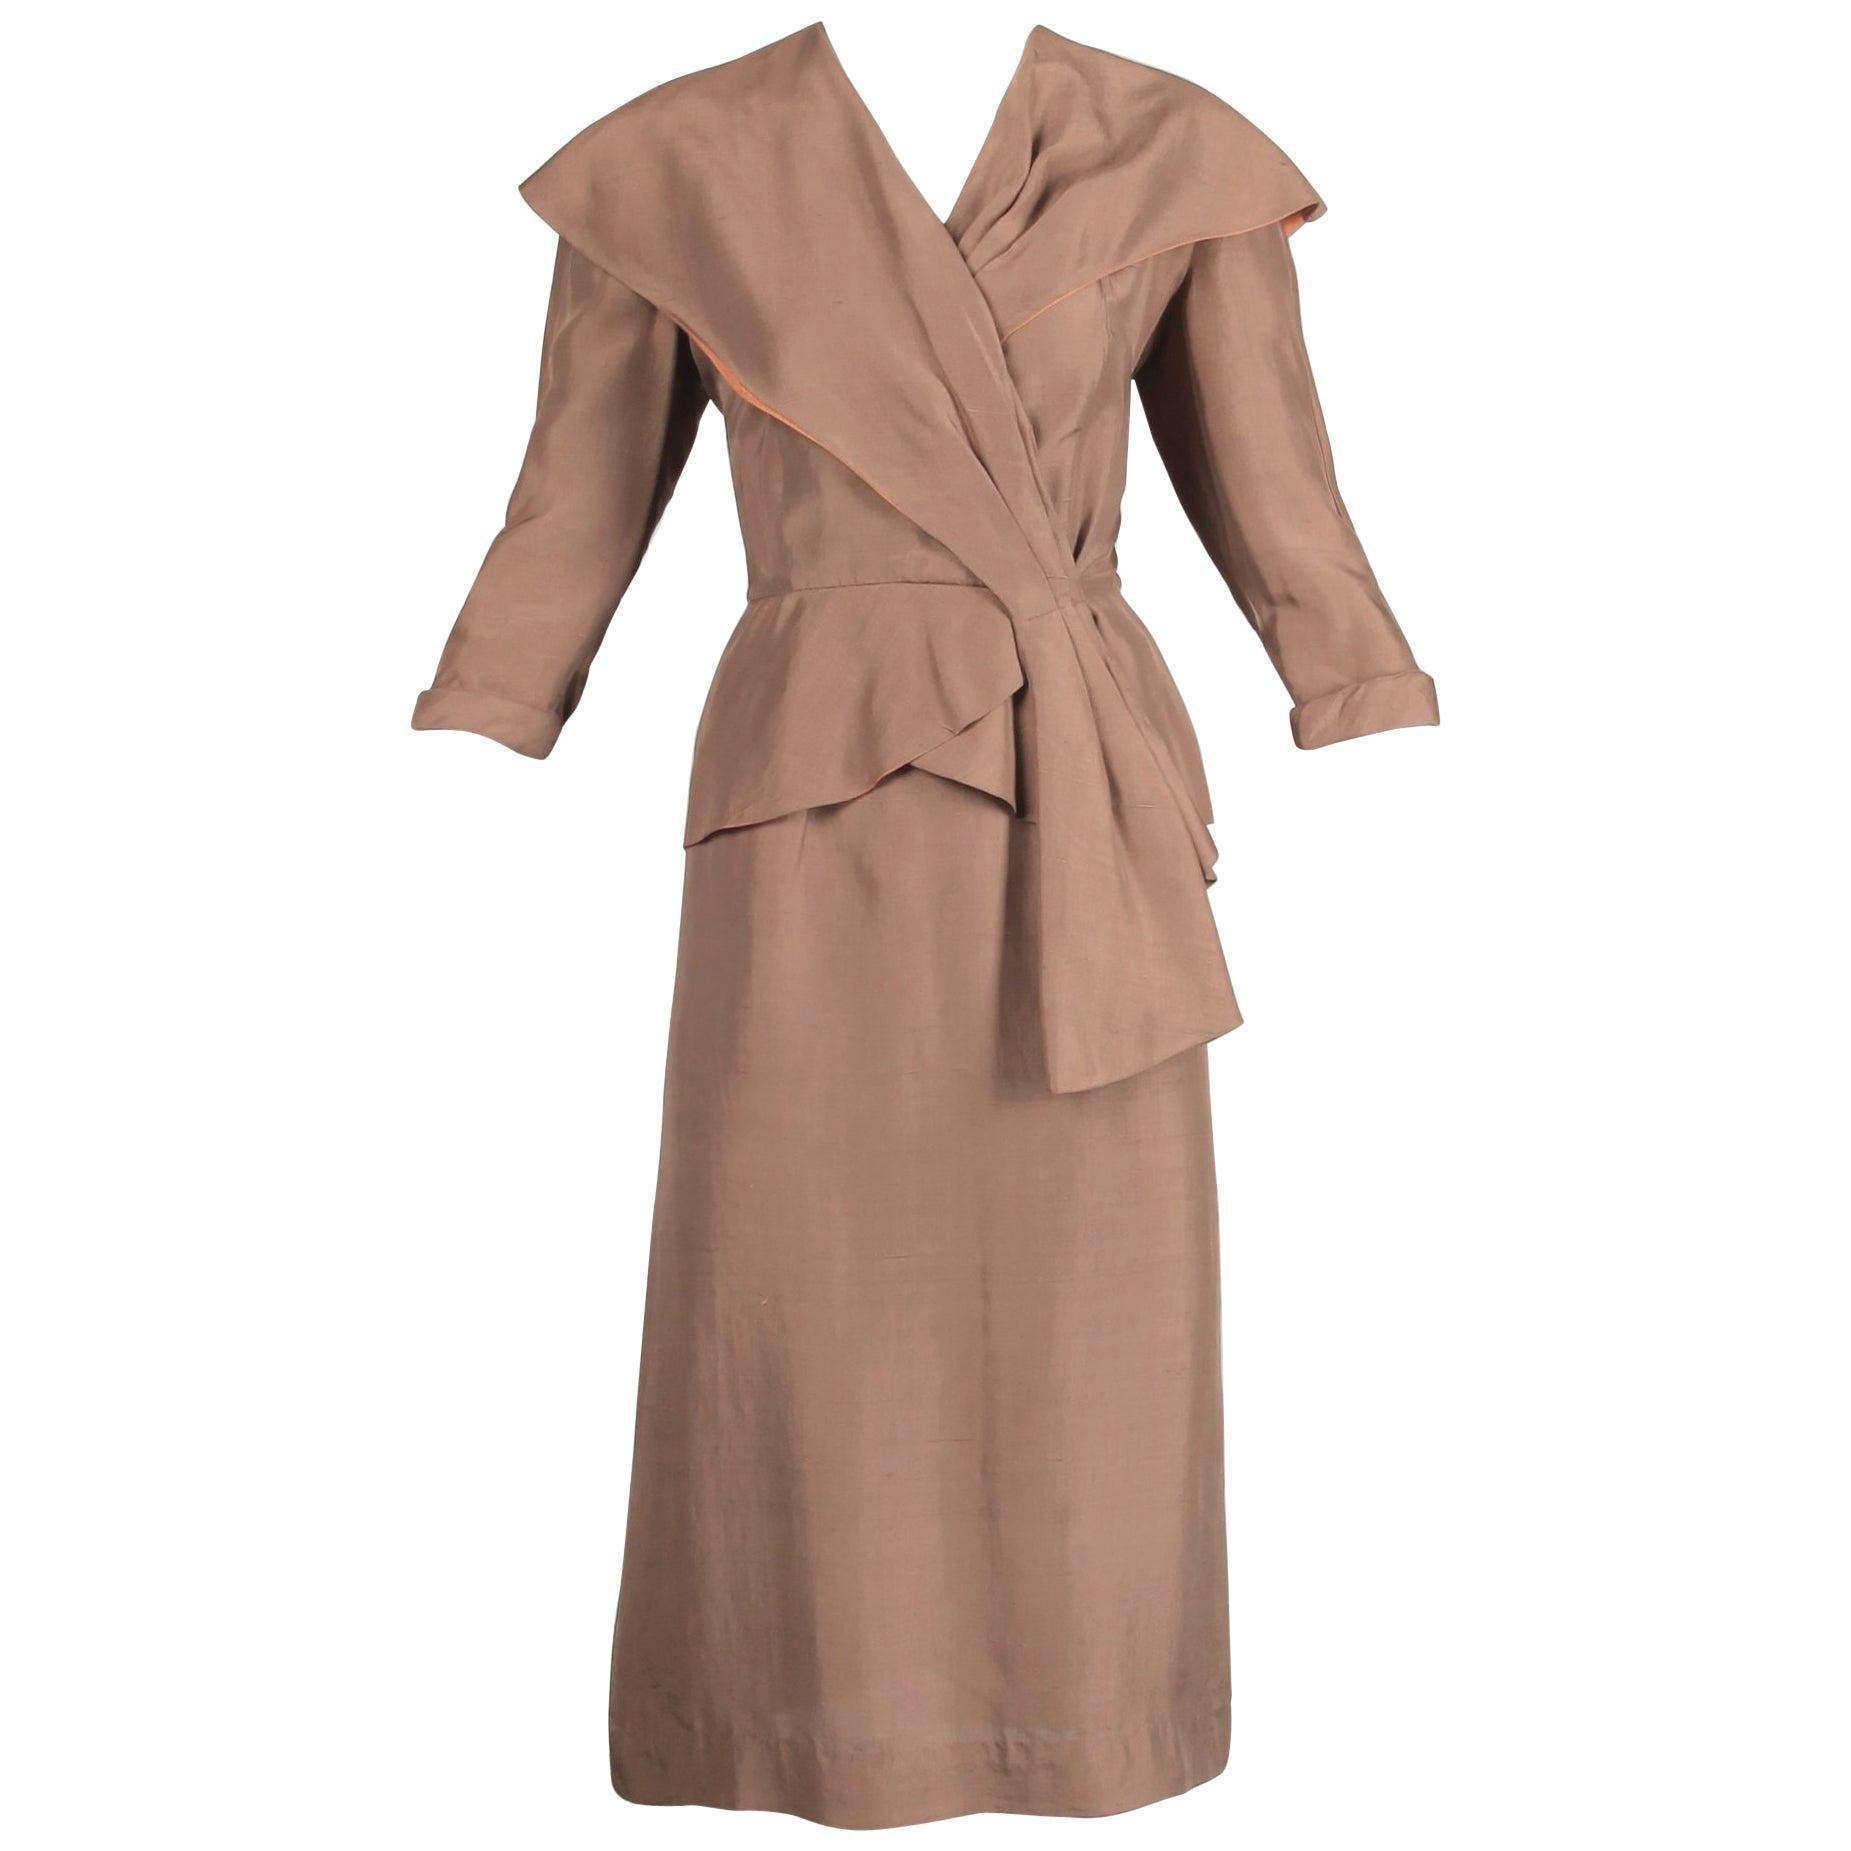 1940s Vintage Asymmetric Beige Silk 2-Piece Jacket + Skirt Women's Suit Ensemble